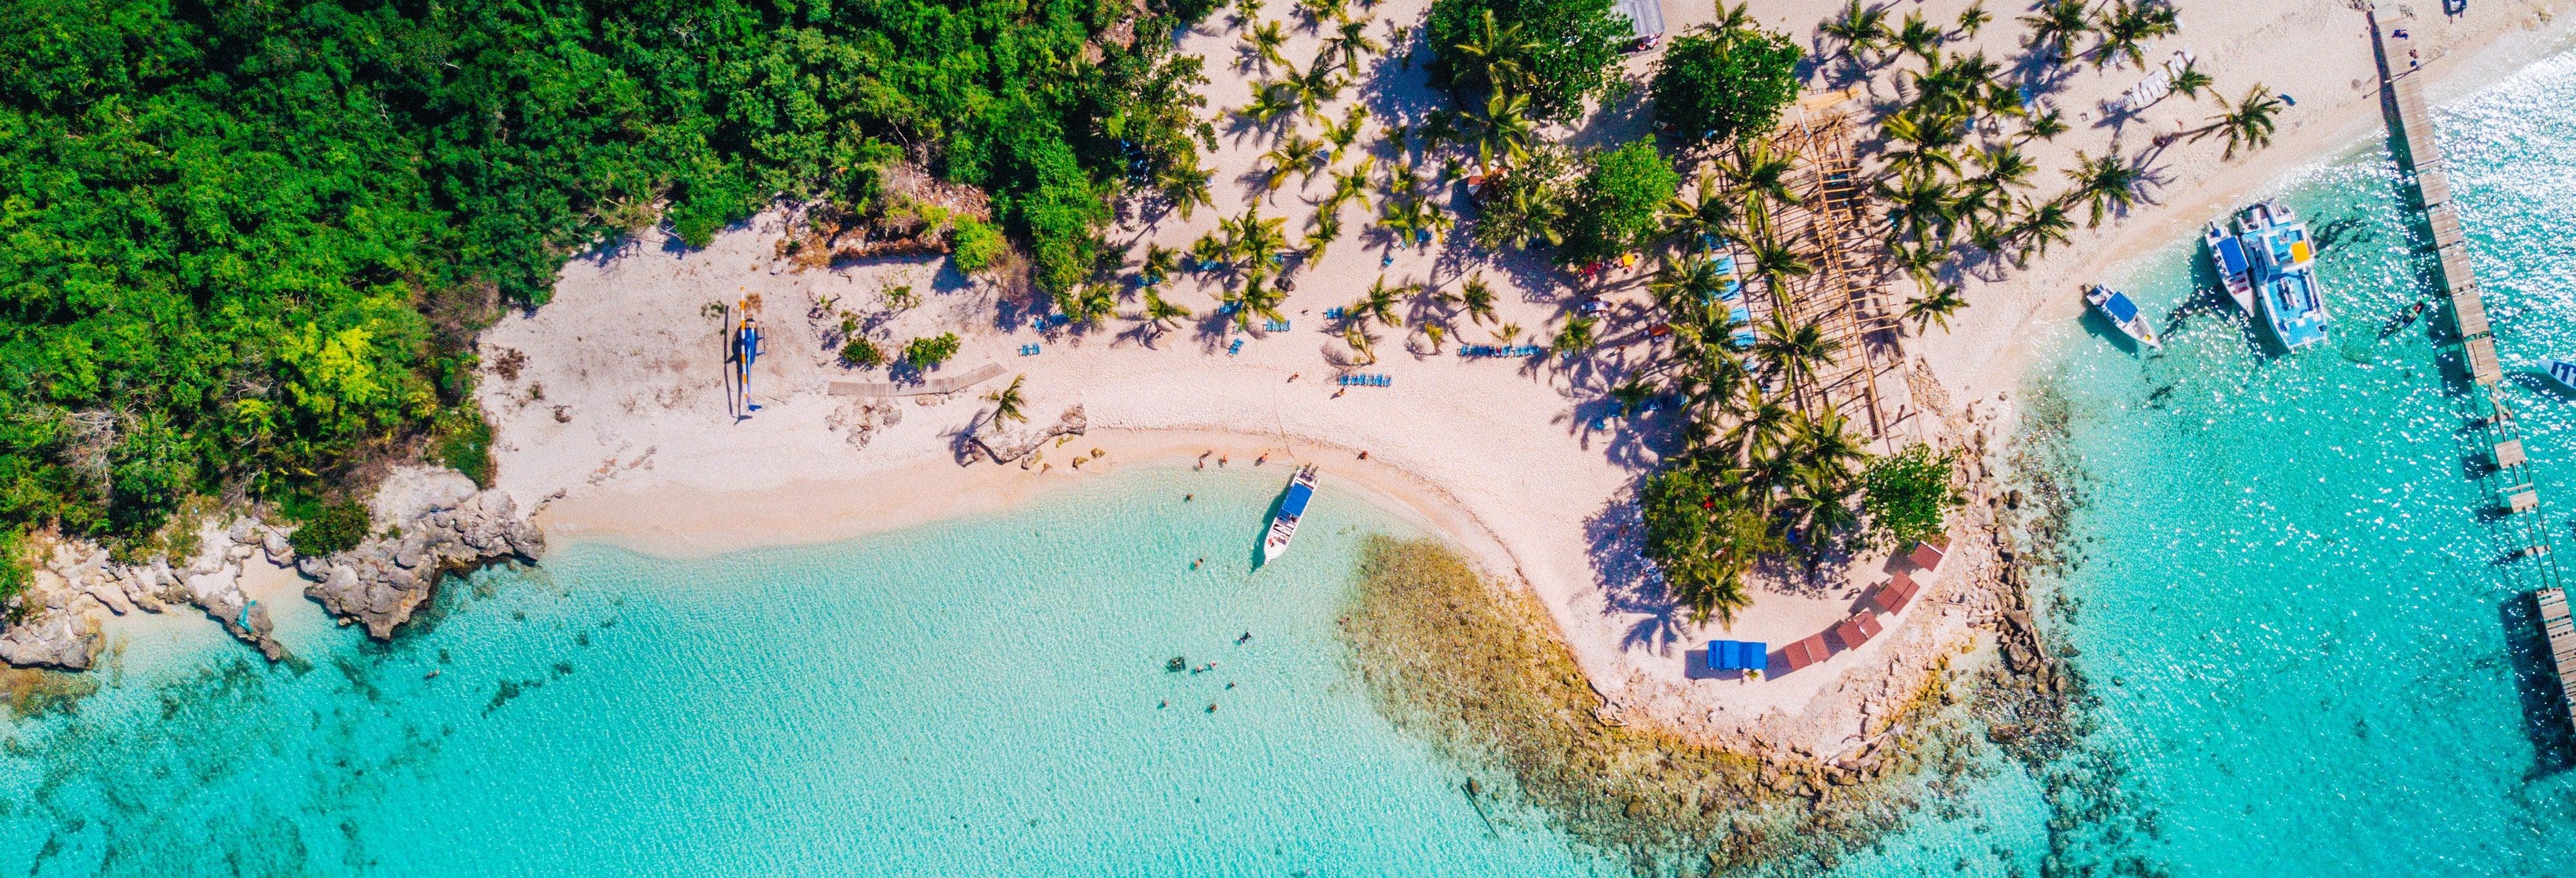 Tour por las playas de Isla Saona